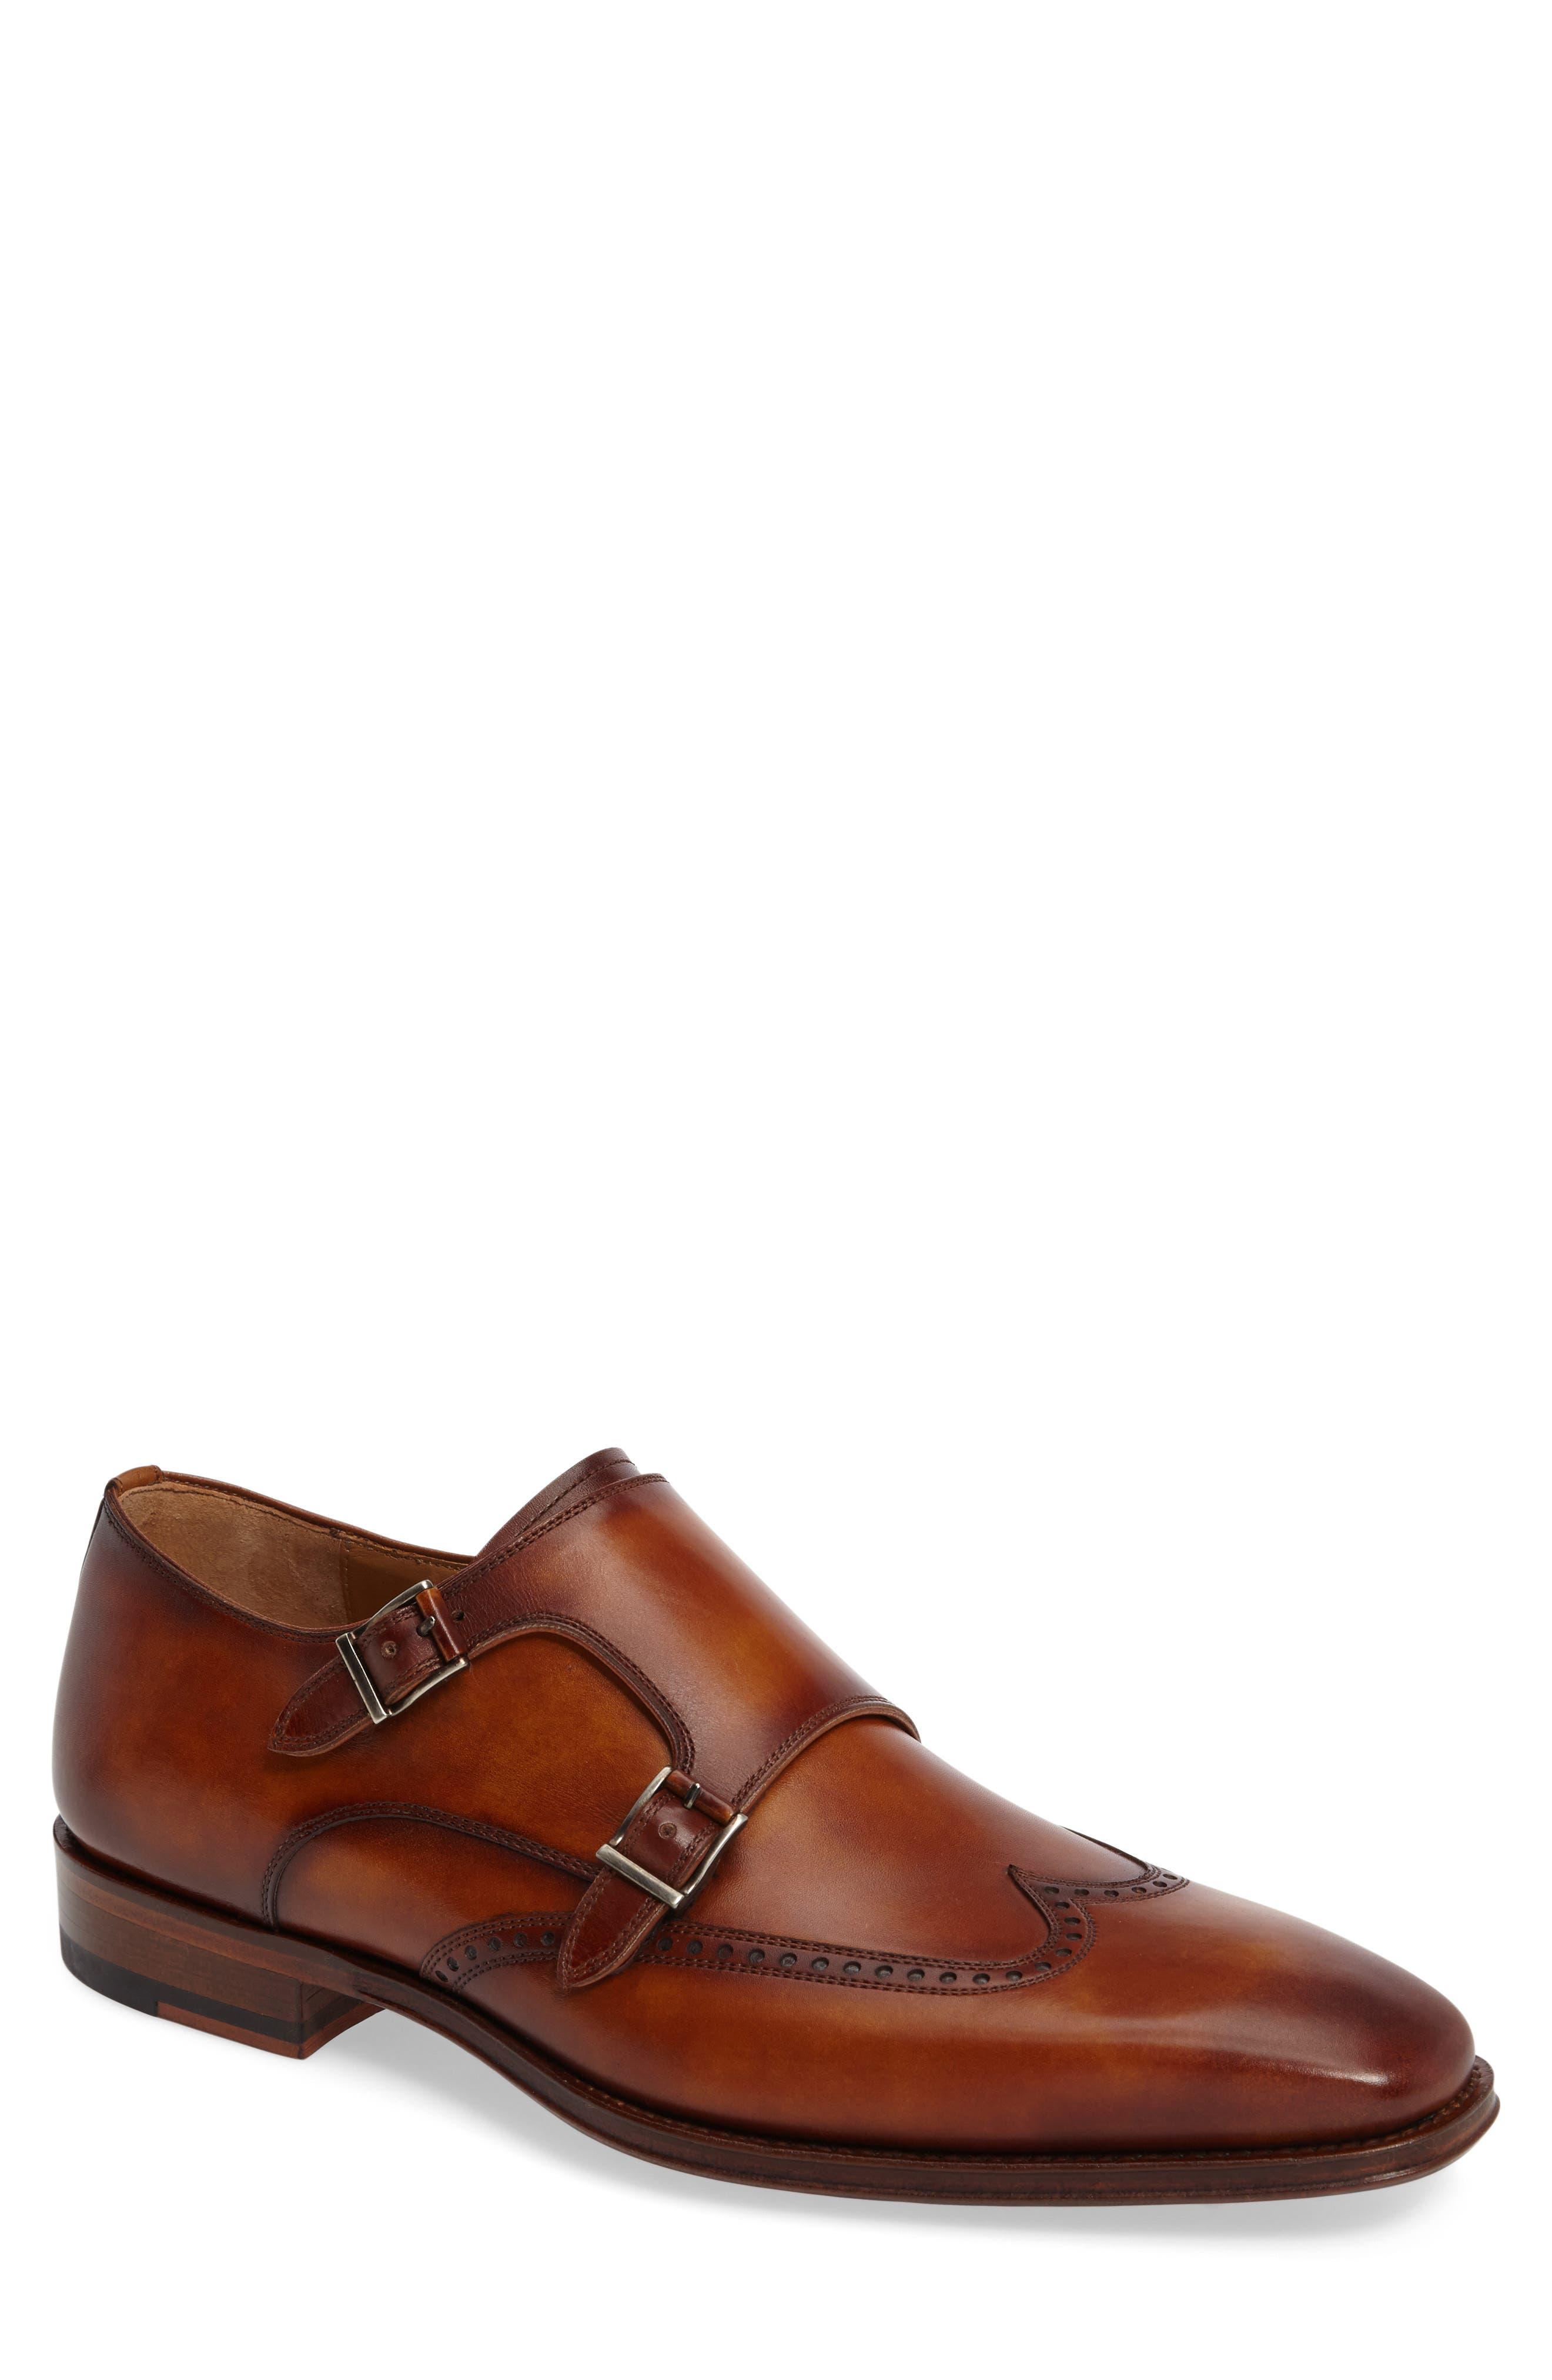 MAGNANNI Logan Double Monk Strap Shoe